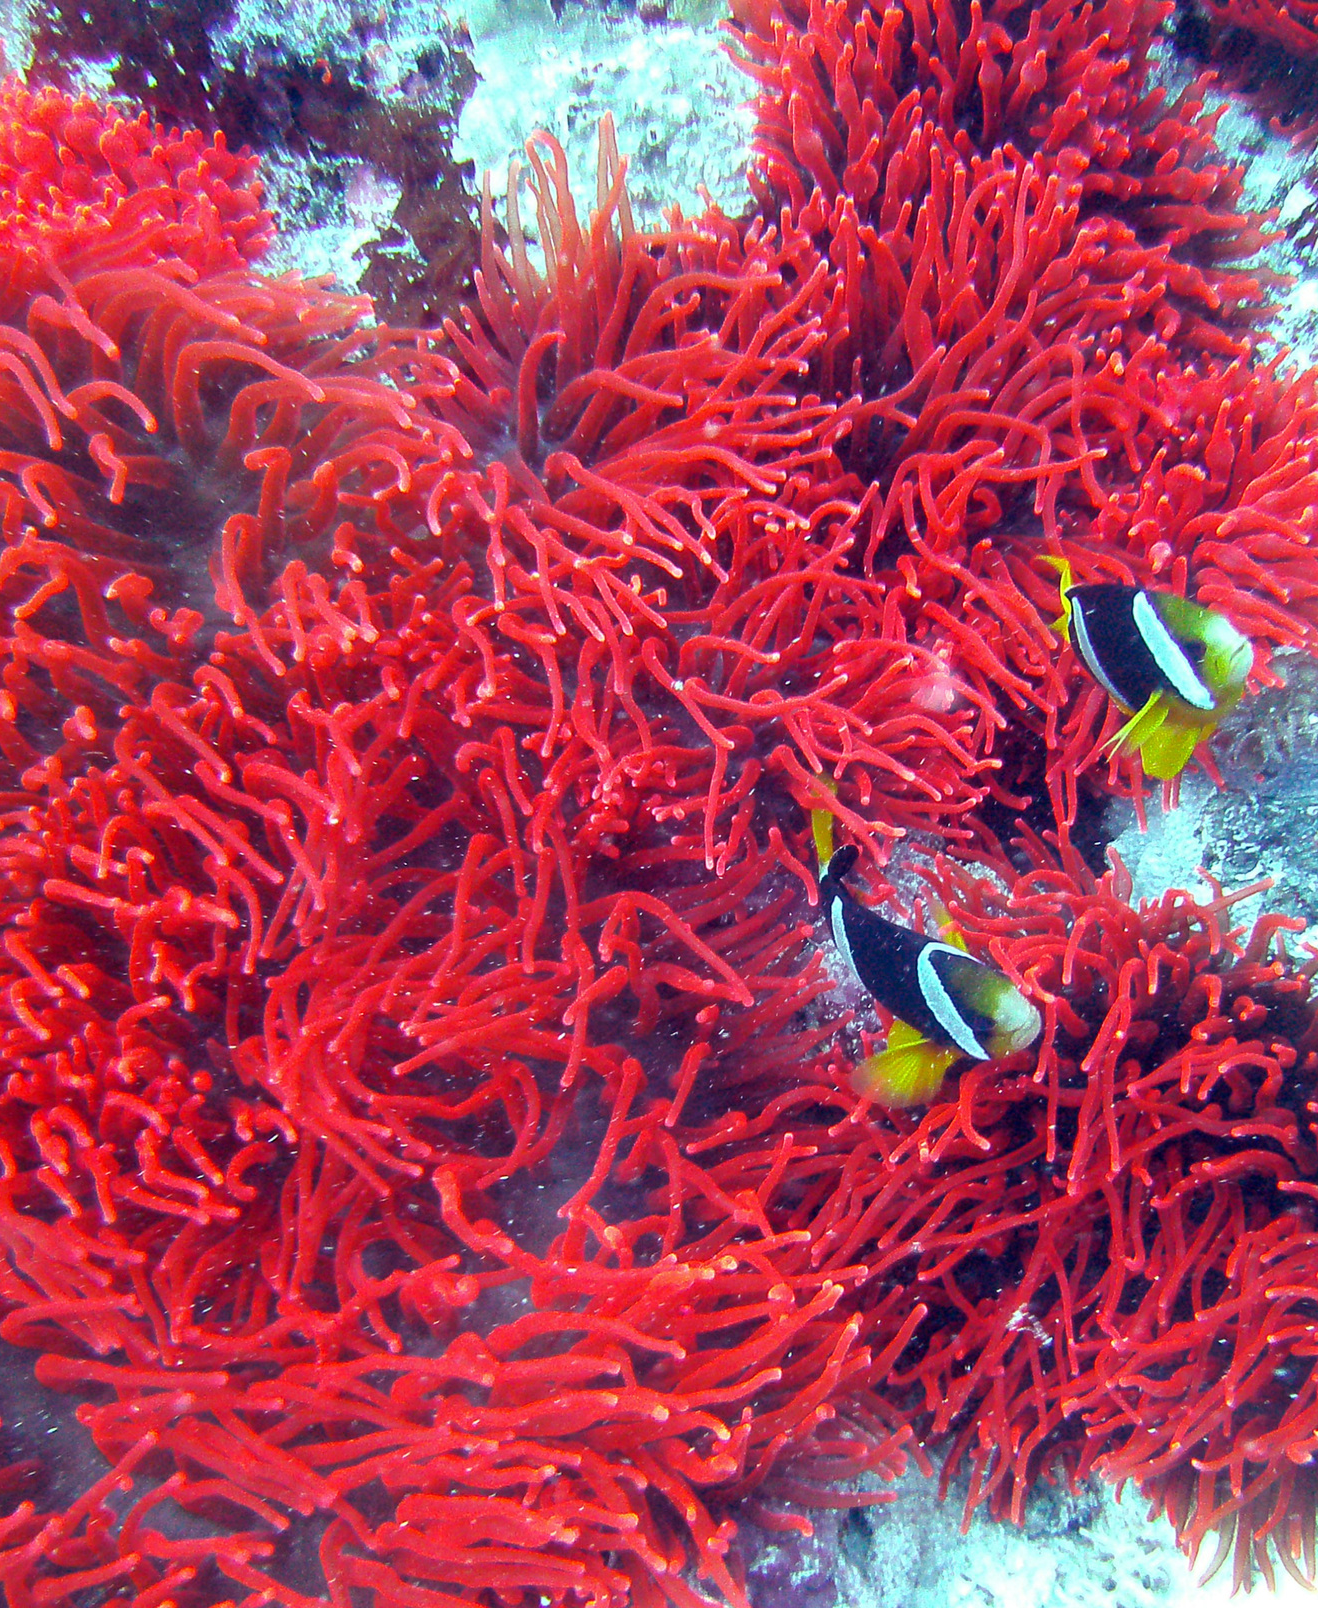 Red Sea Anemone, clown fish, Maldives.